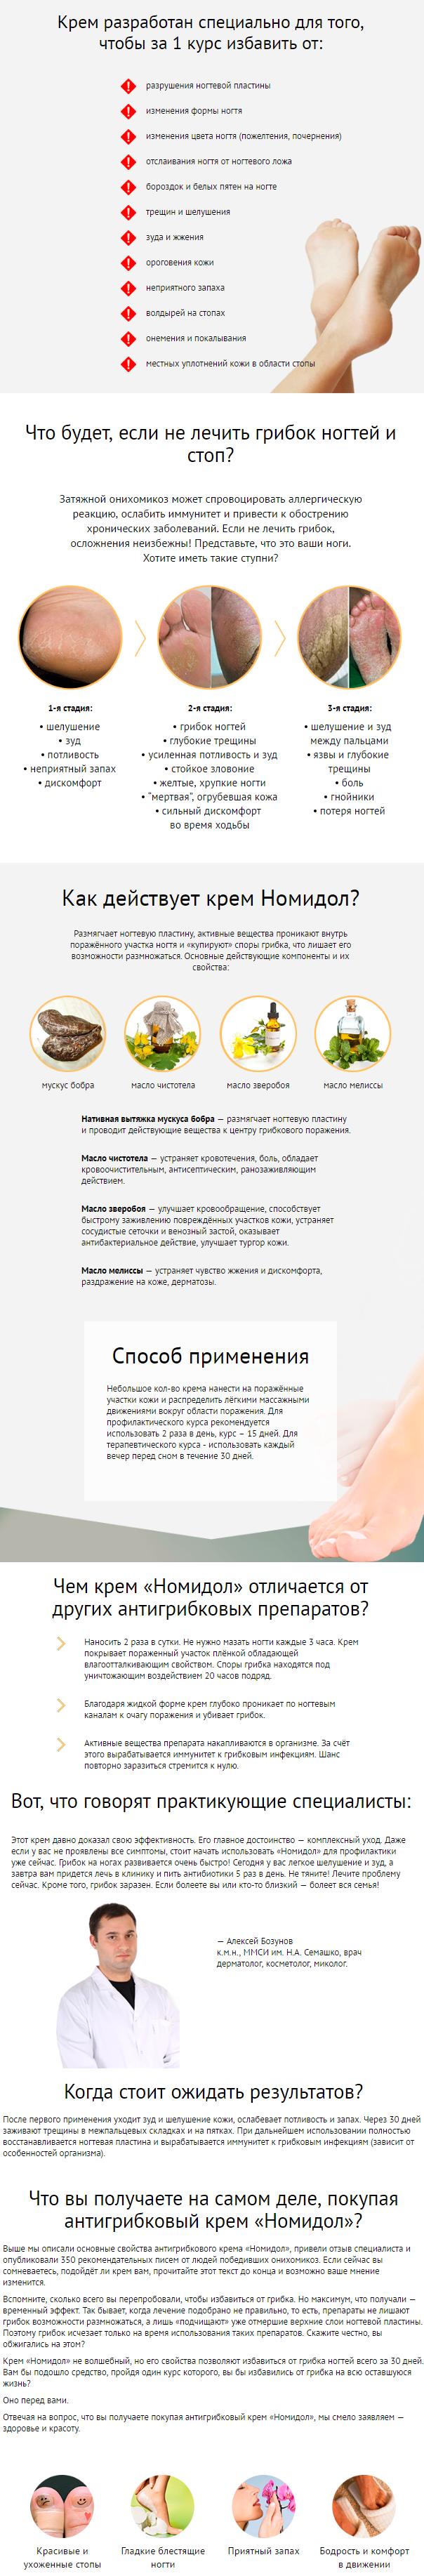 Nomidol (Номидол) - крем от грибка стоп и ногтей купить